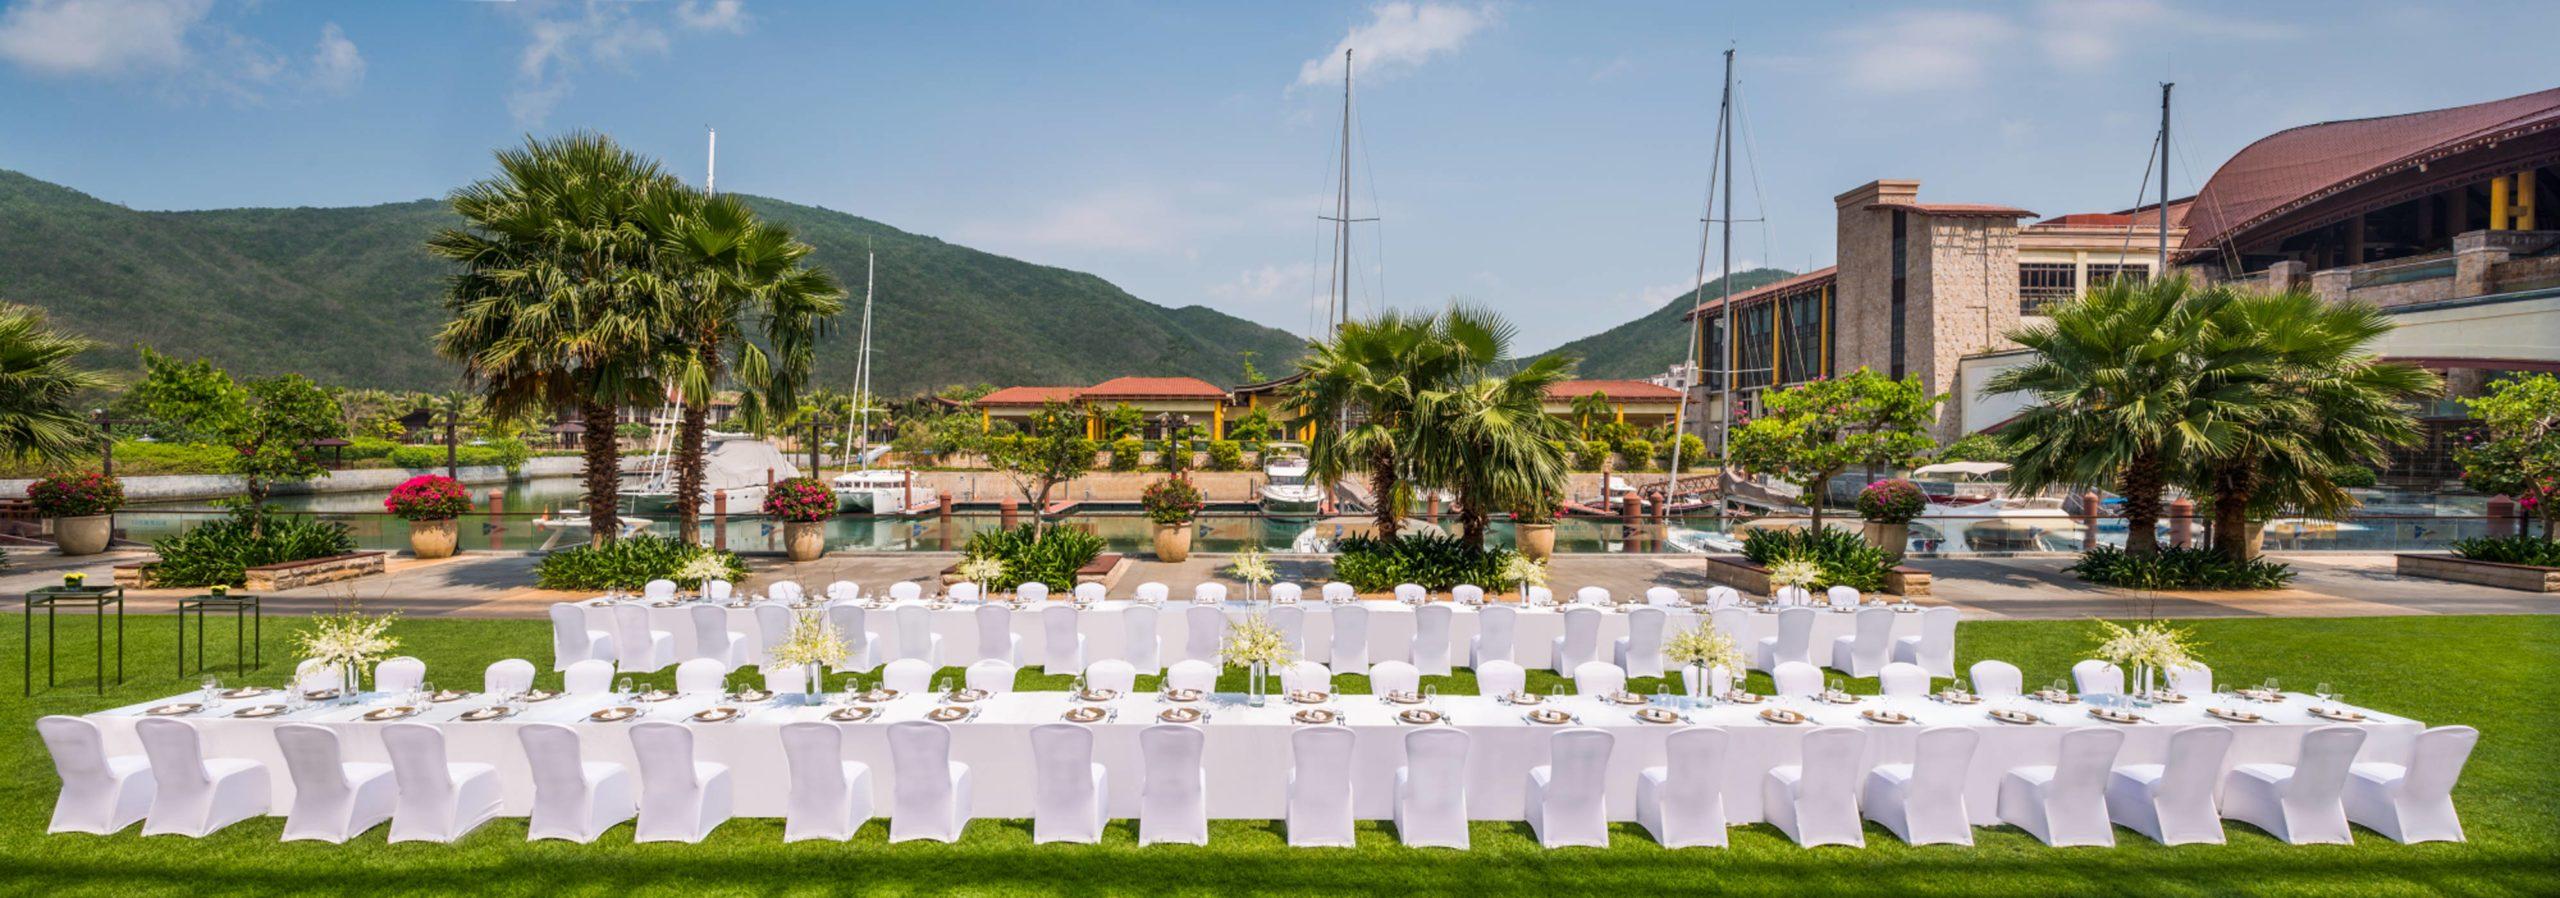 Long-Table-Dinner-at-Marina-Lawn